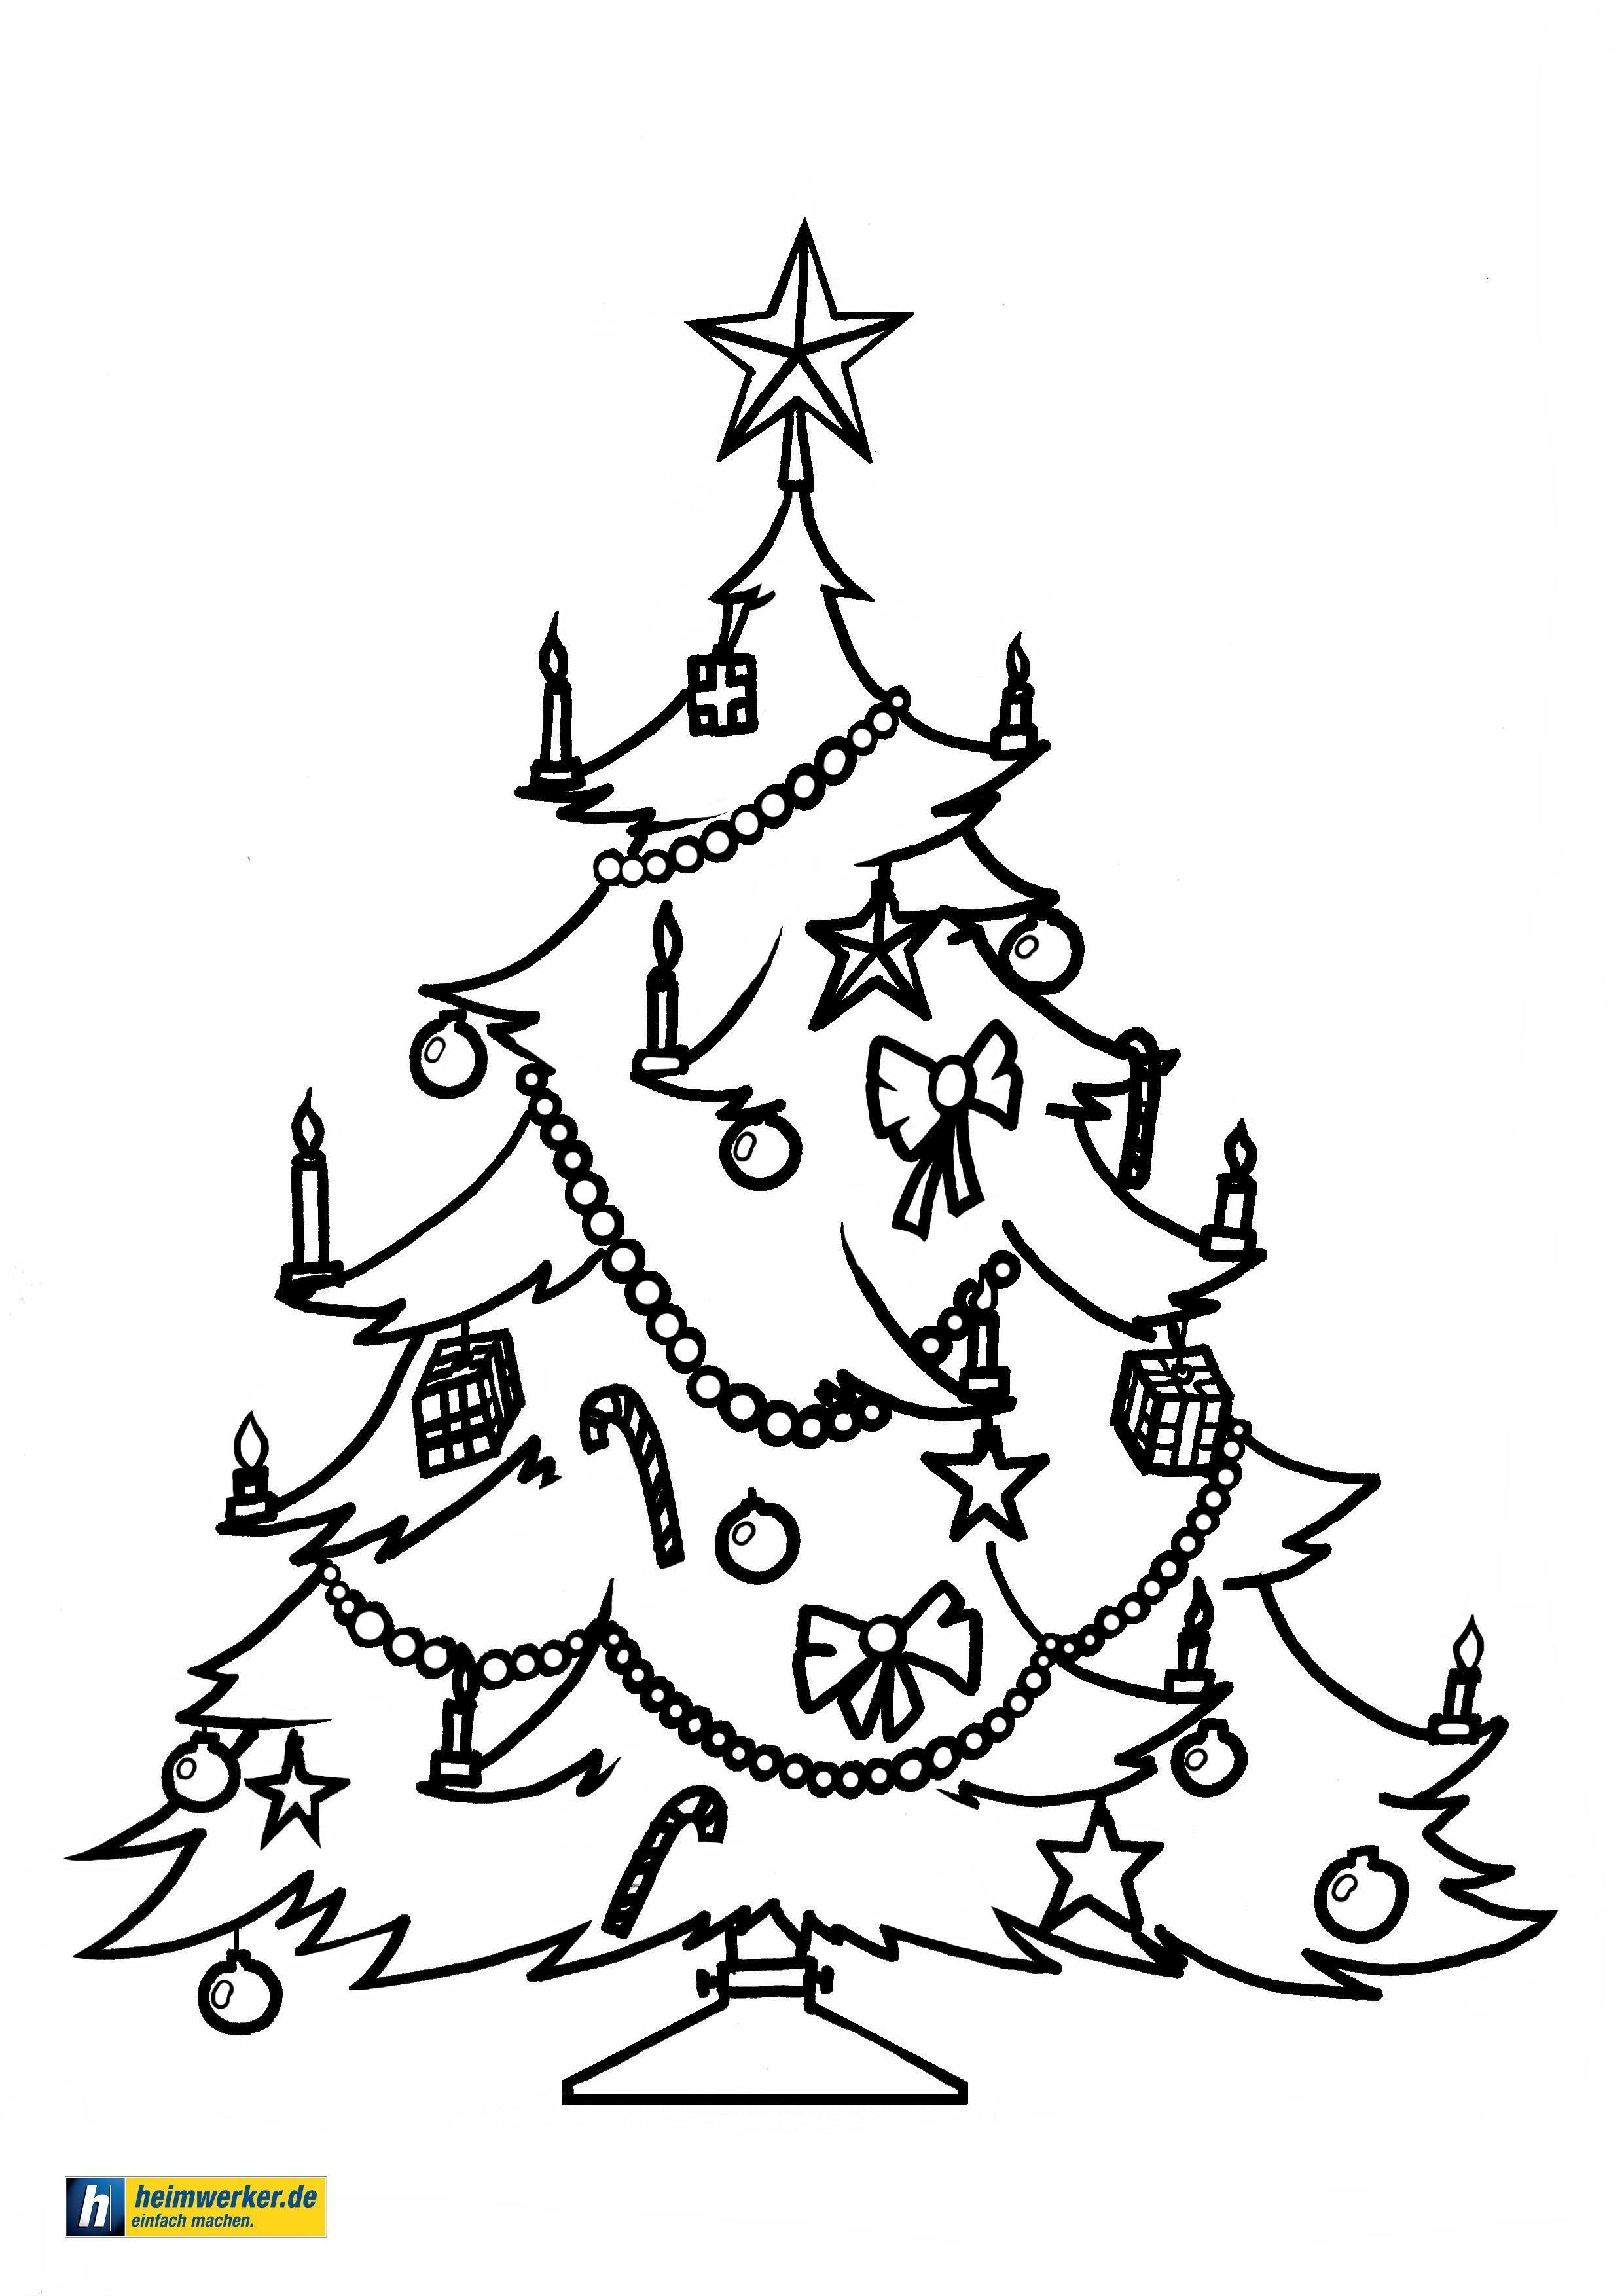 Malvorlagen Weihnachten Und Advent Kostenlose Weihnachtsmotive Neu